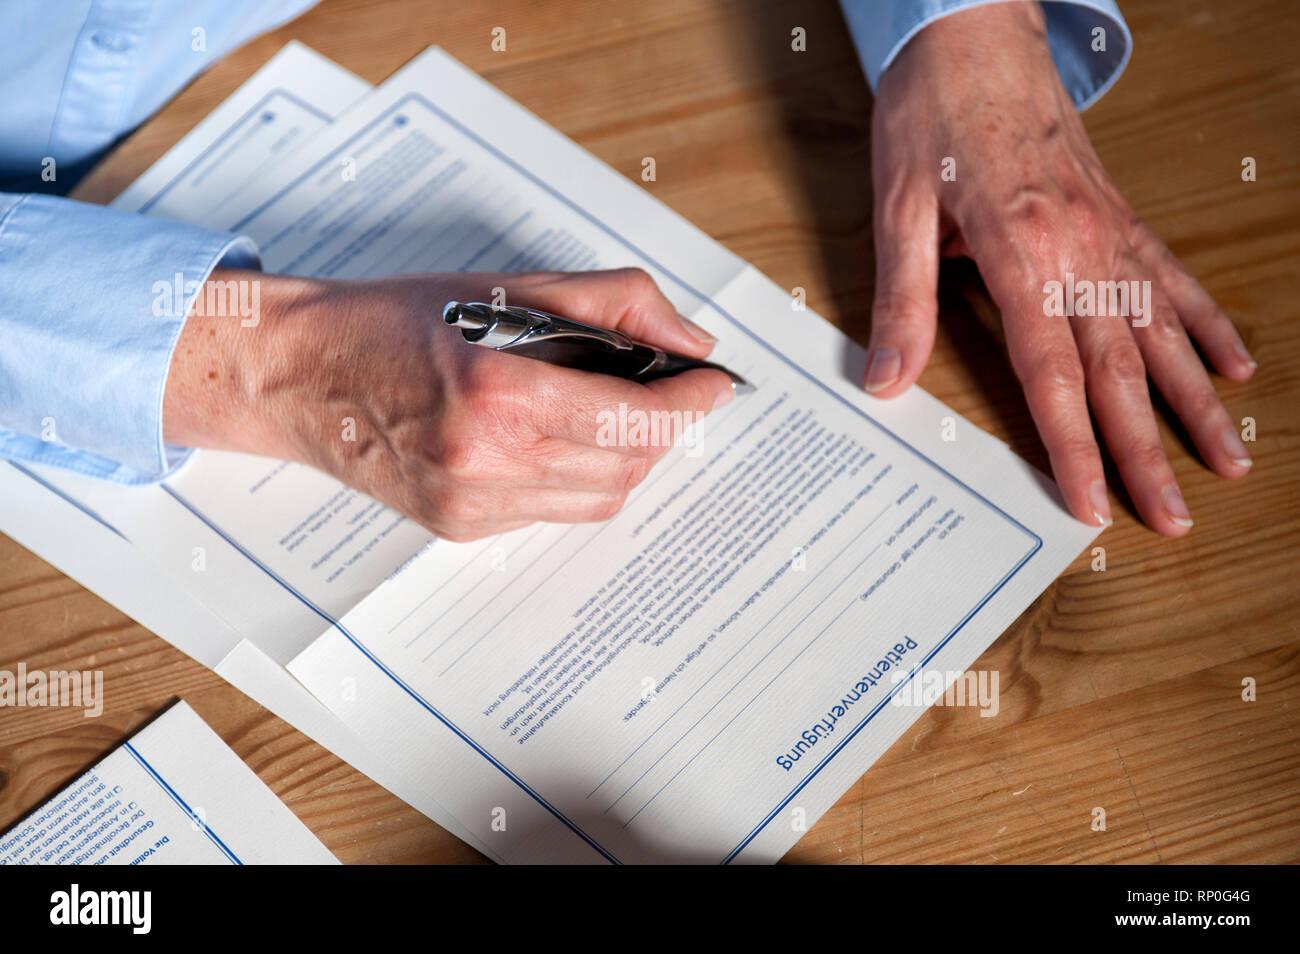 Frauenhaende die eine Patientenverfuegung ausfuellen auf einem Tisch mit einer Teetasse MR: yes PR: Yes - Stock Image